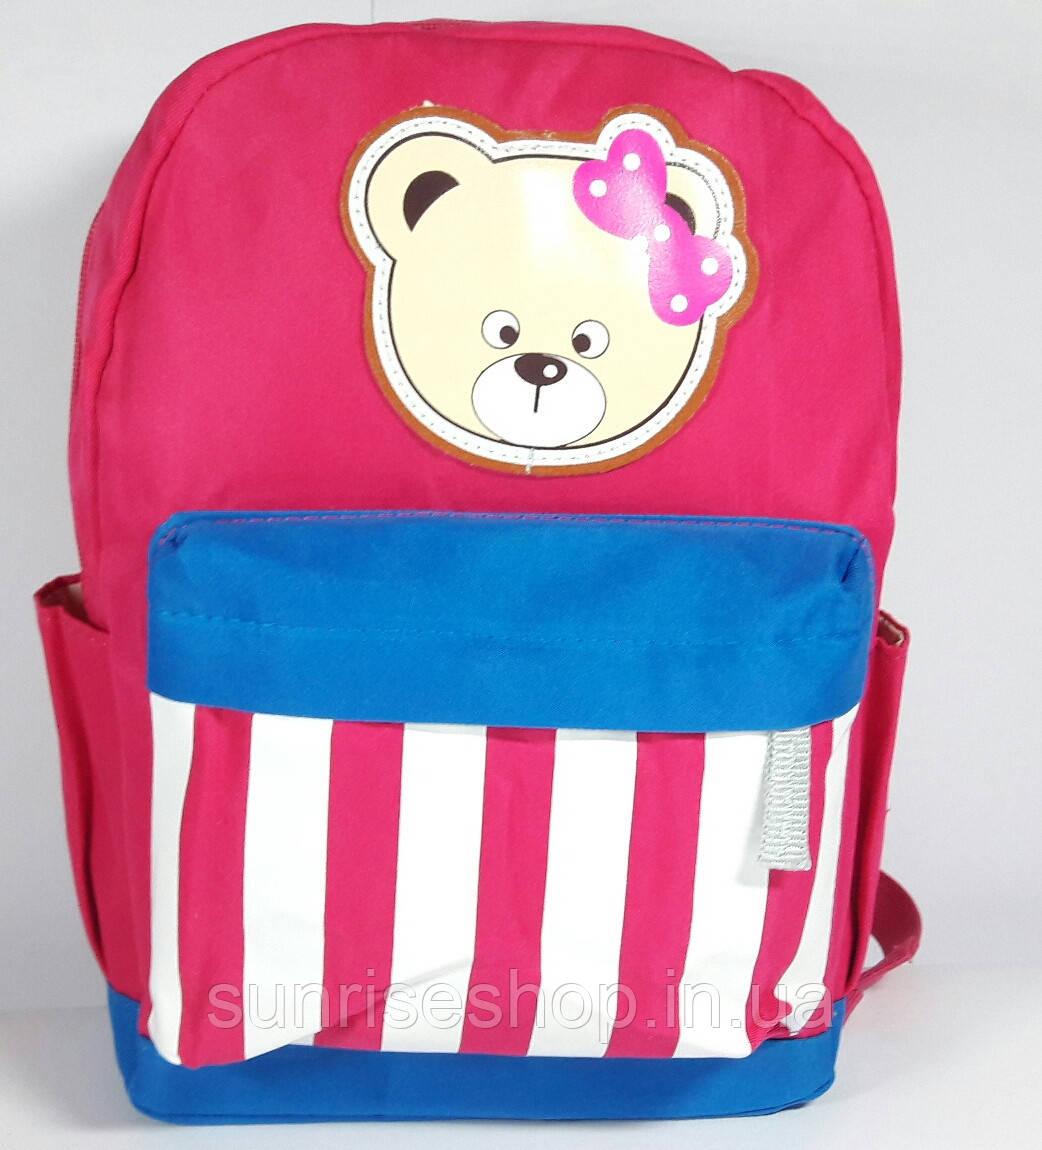 7982862696ae Рюкзак детский для девочки текстильный с наружным карманом - Sunriseshop  косметички клатчи детские сумочки ...